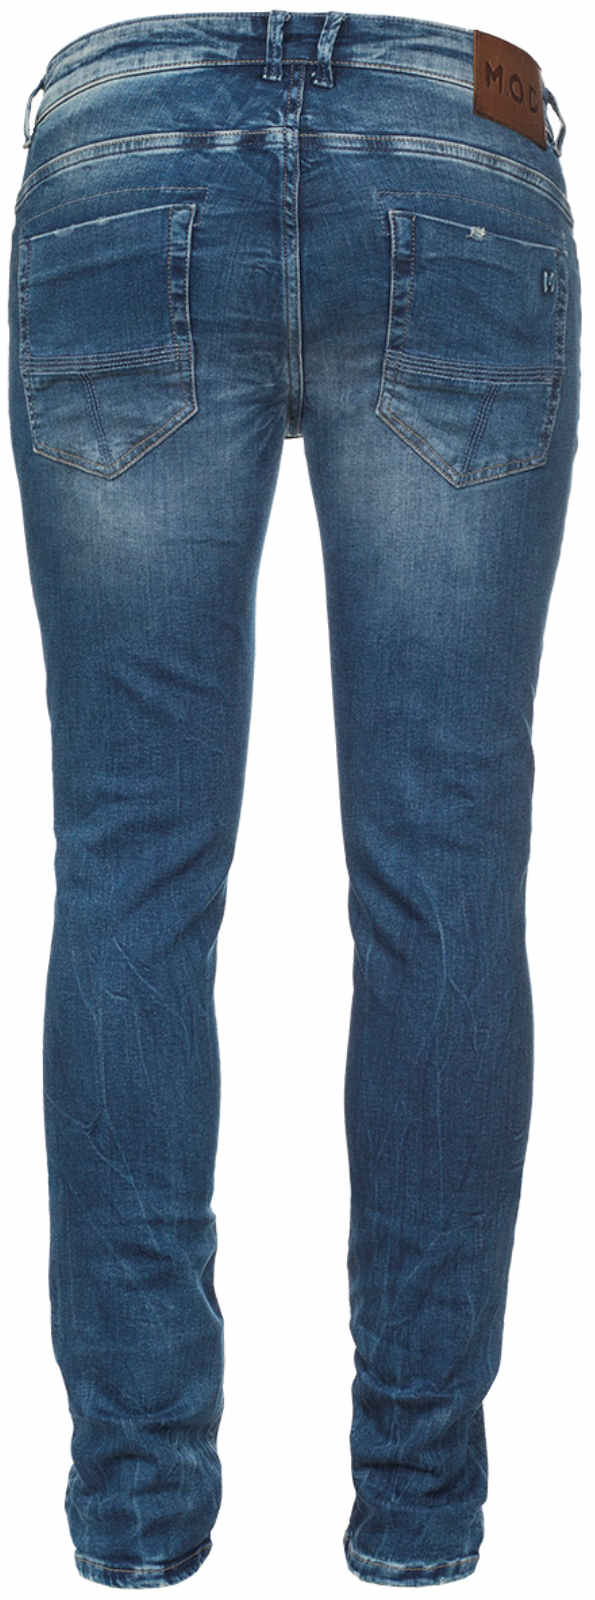 10b21615bc2a ... M.O.D Herren Herren M.O.D Jeans Marcel X-Slim NOS-1005 Hose NEU Extra  Slim